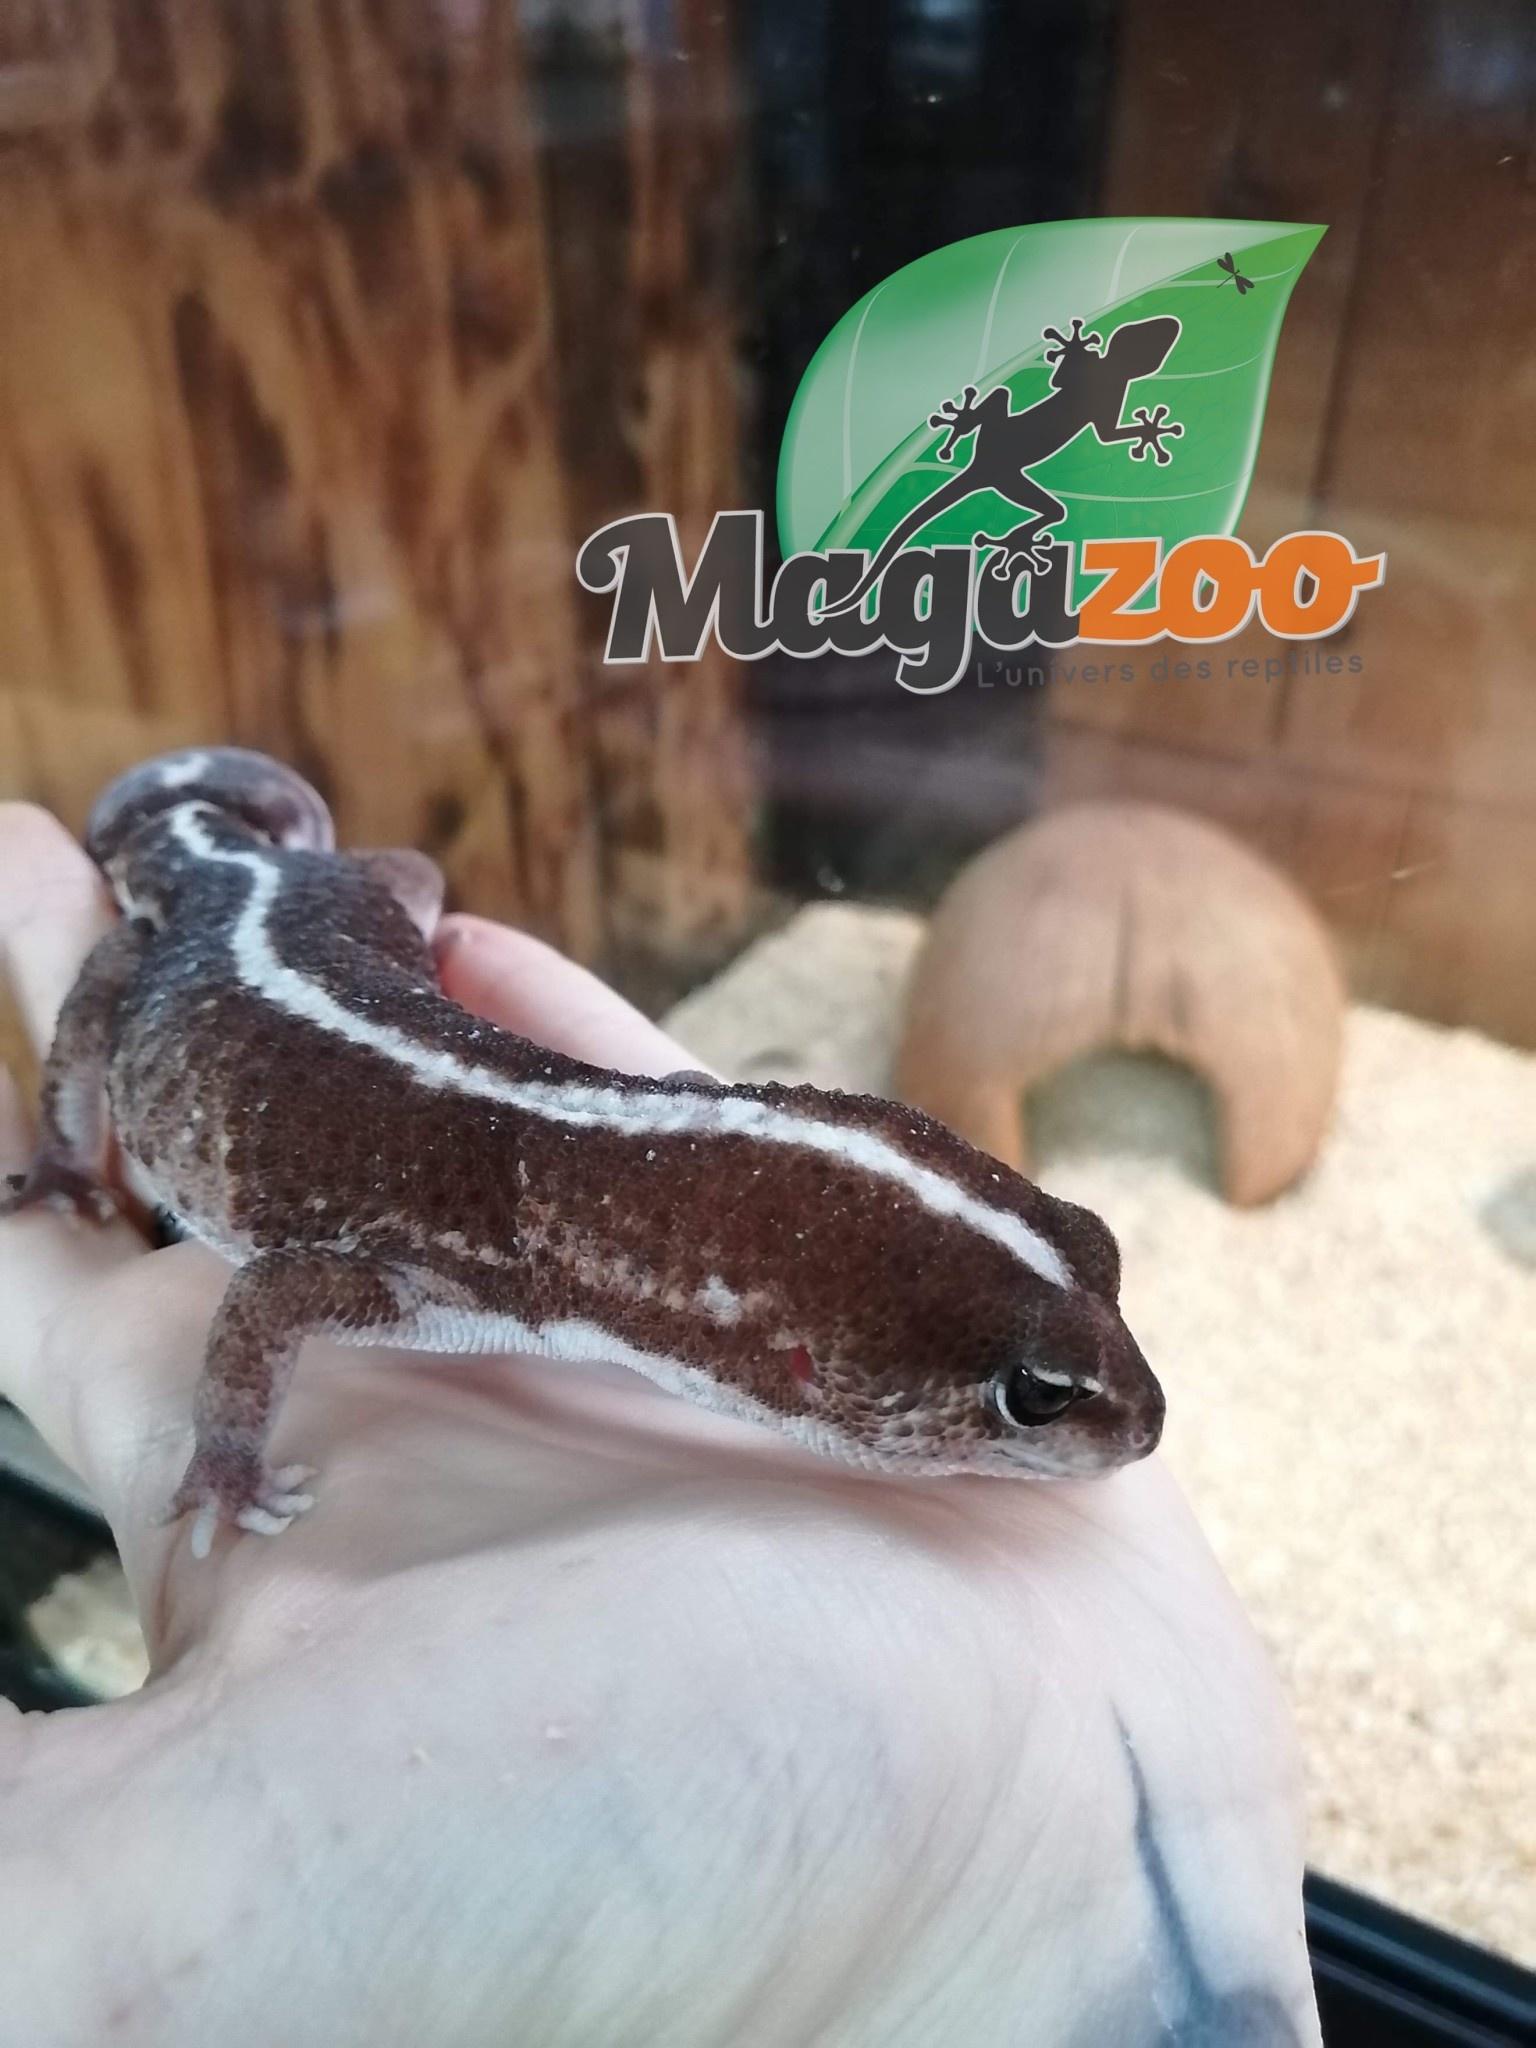 Magazoo Gecko à Queue Grasse Mâle Adulte 'Queue repoussée'